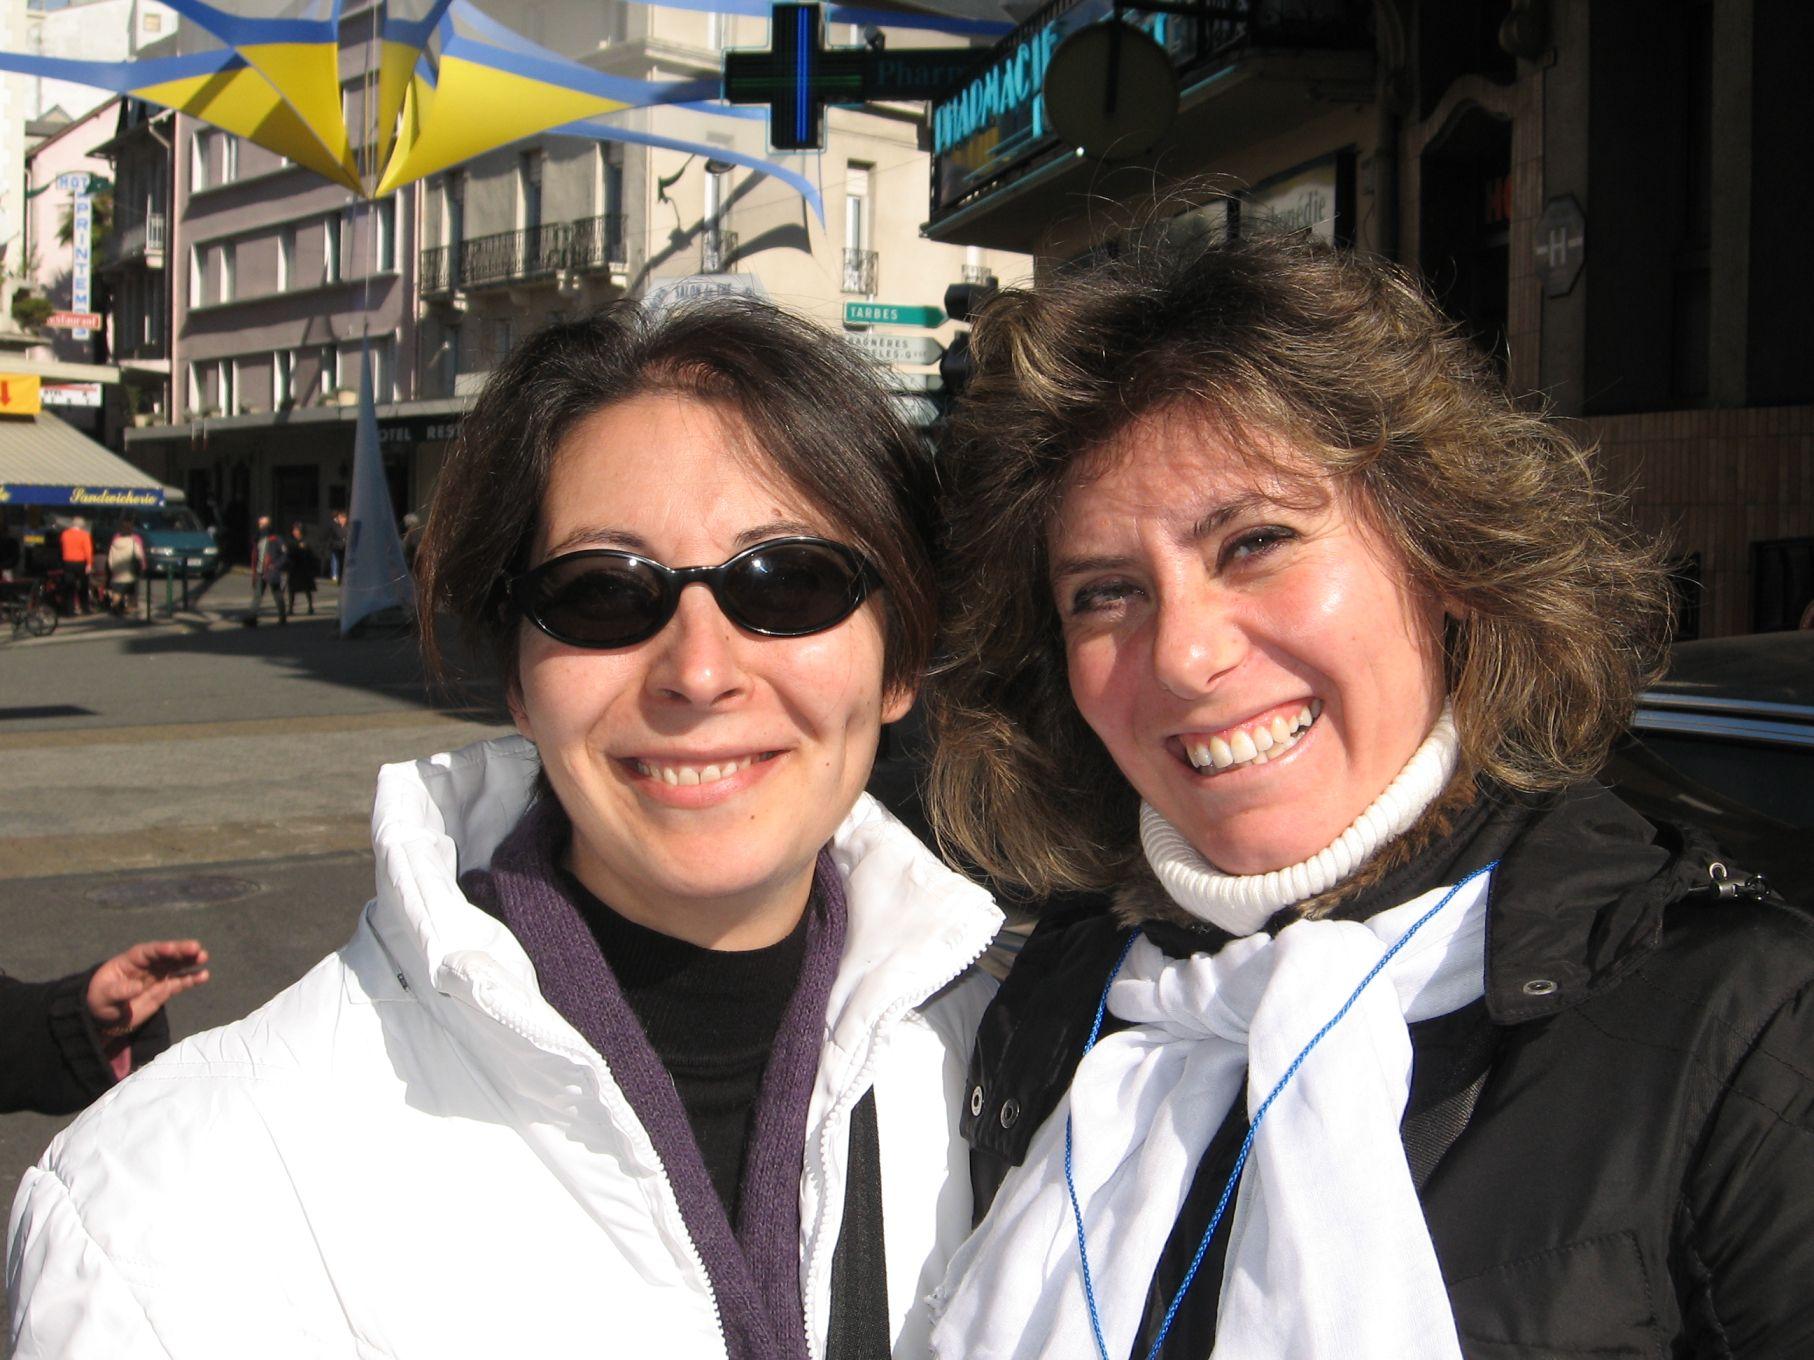 Lourdes-2008-10-25--14.24.47.jpg